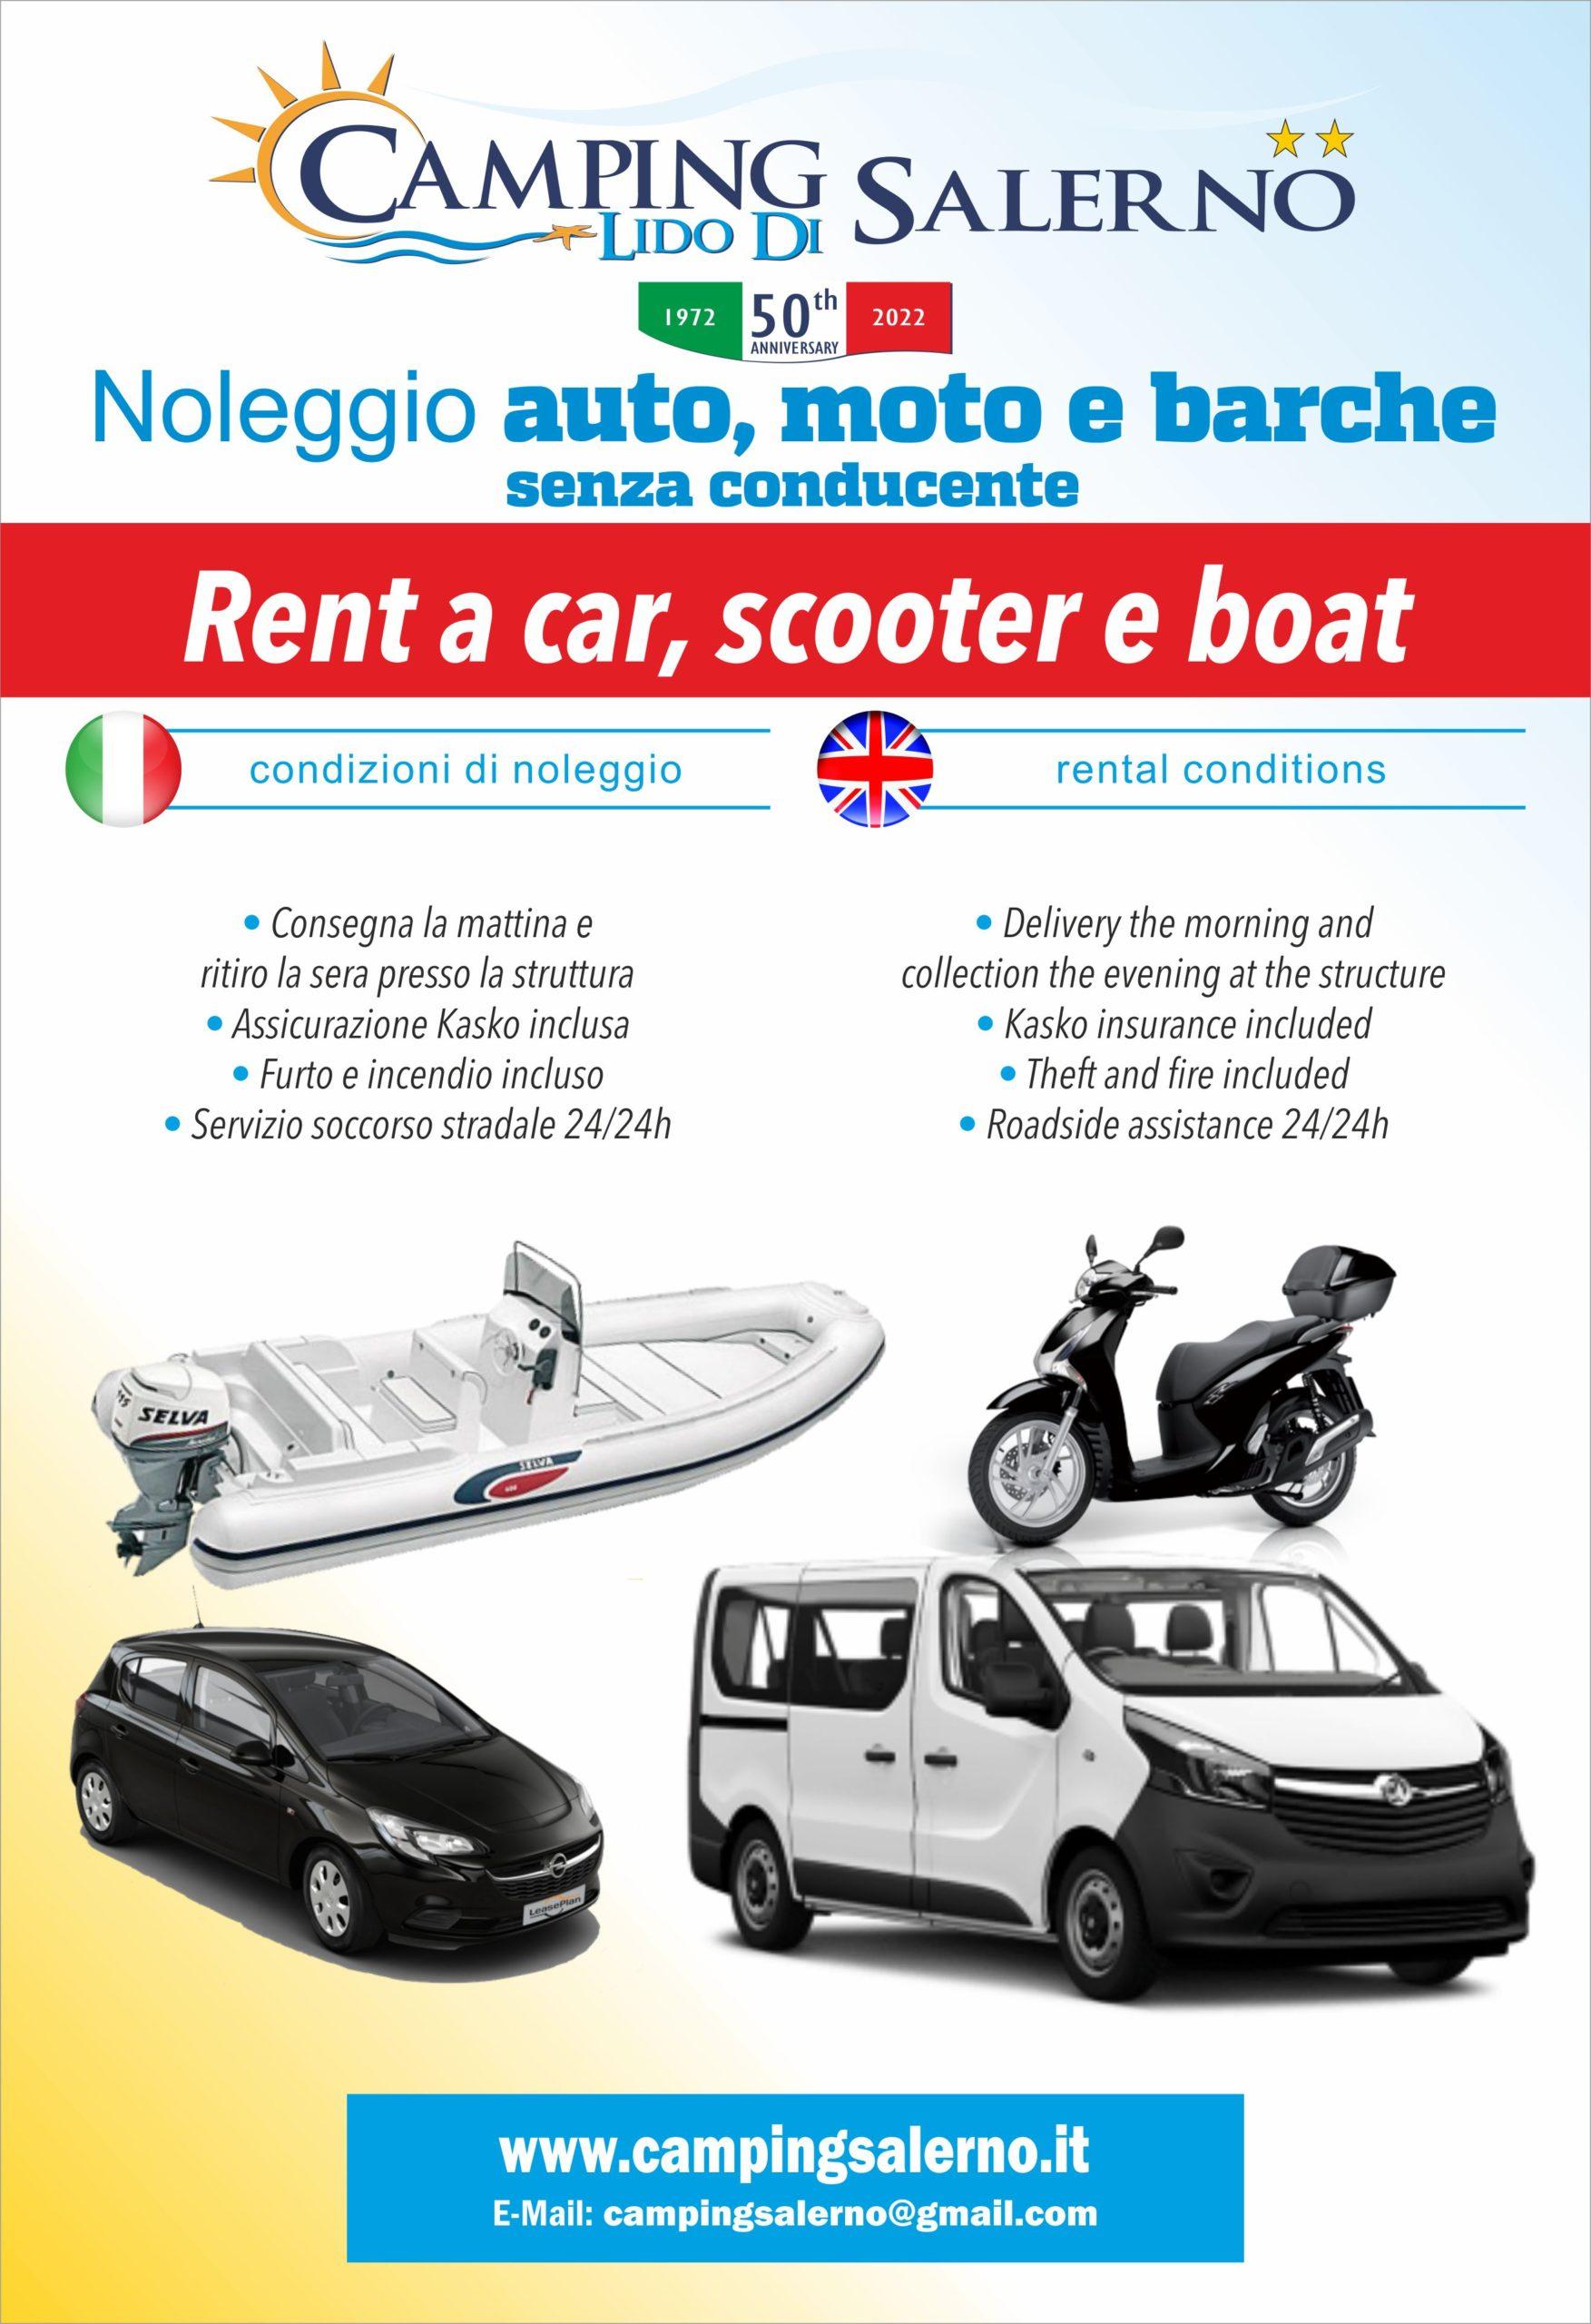 Noleggio Auto Moto Barche Scooter